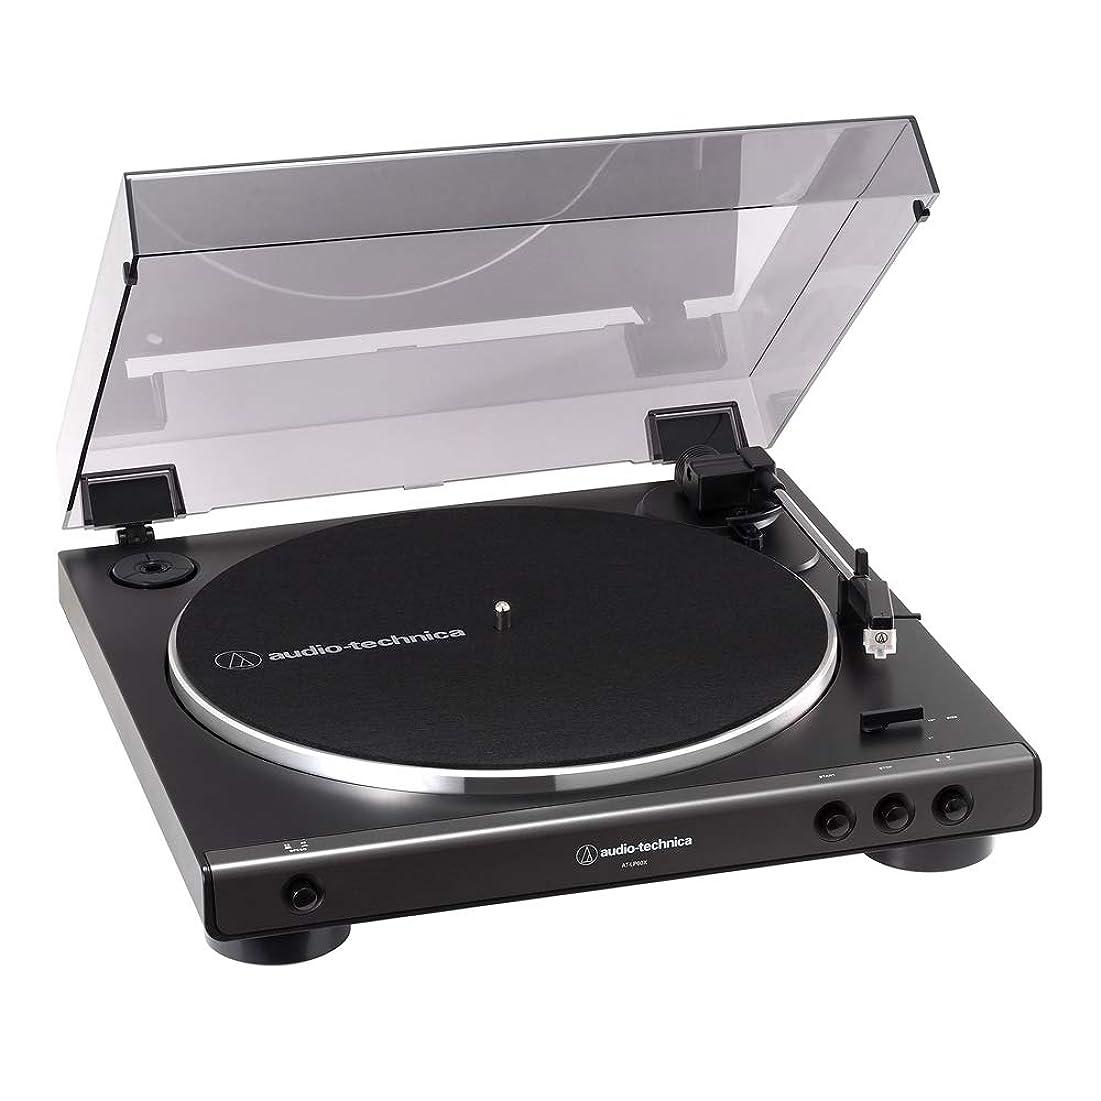 不屈多様な行為オーディオテクニカ フルオートターンテーブル(ダークガンメタリック)audio-technica AT-LP60X-DGM